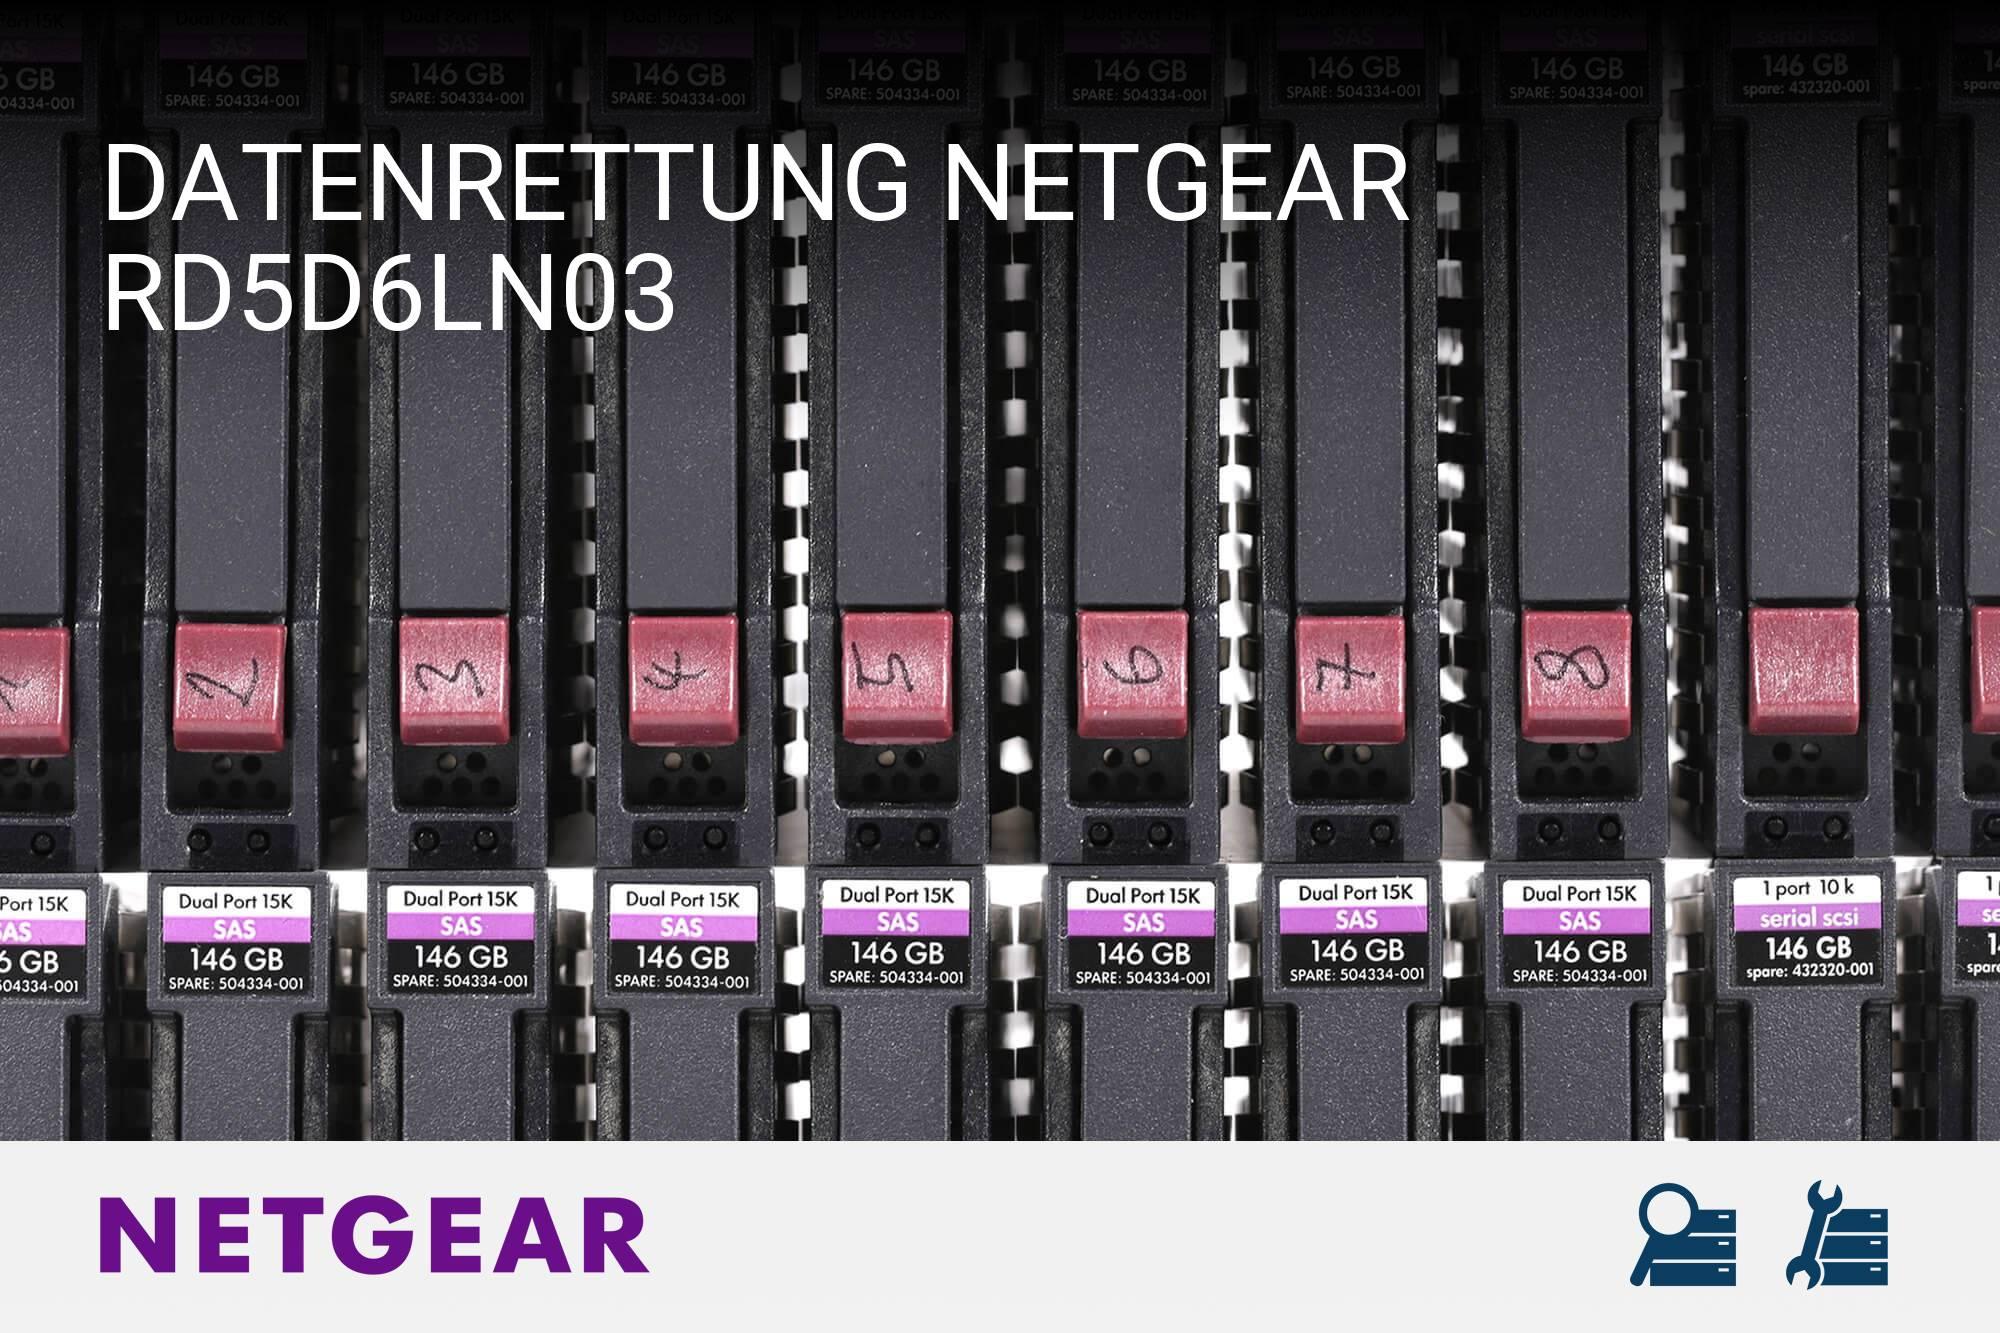 Netgear RD5D6LN03